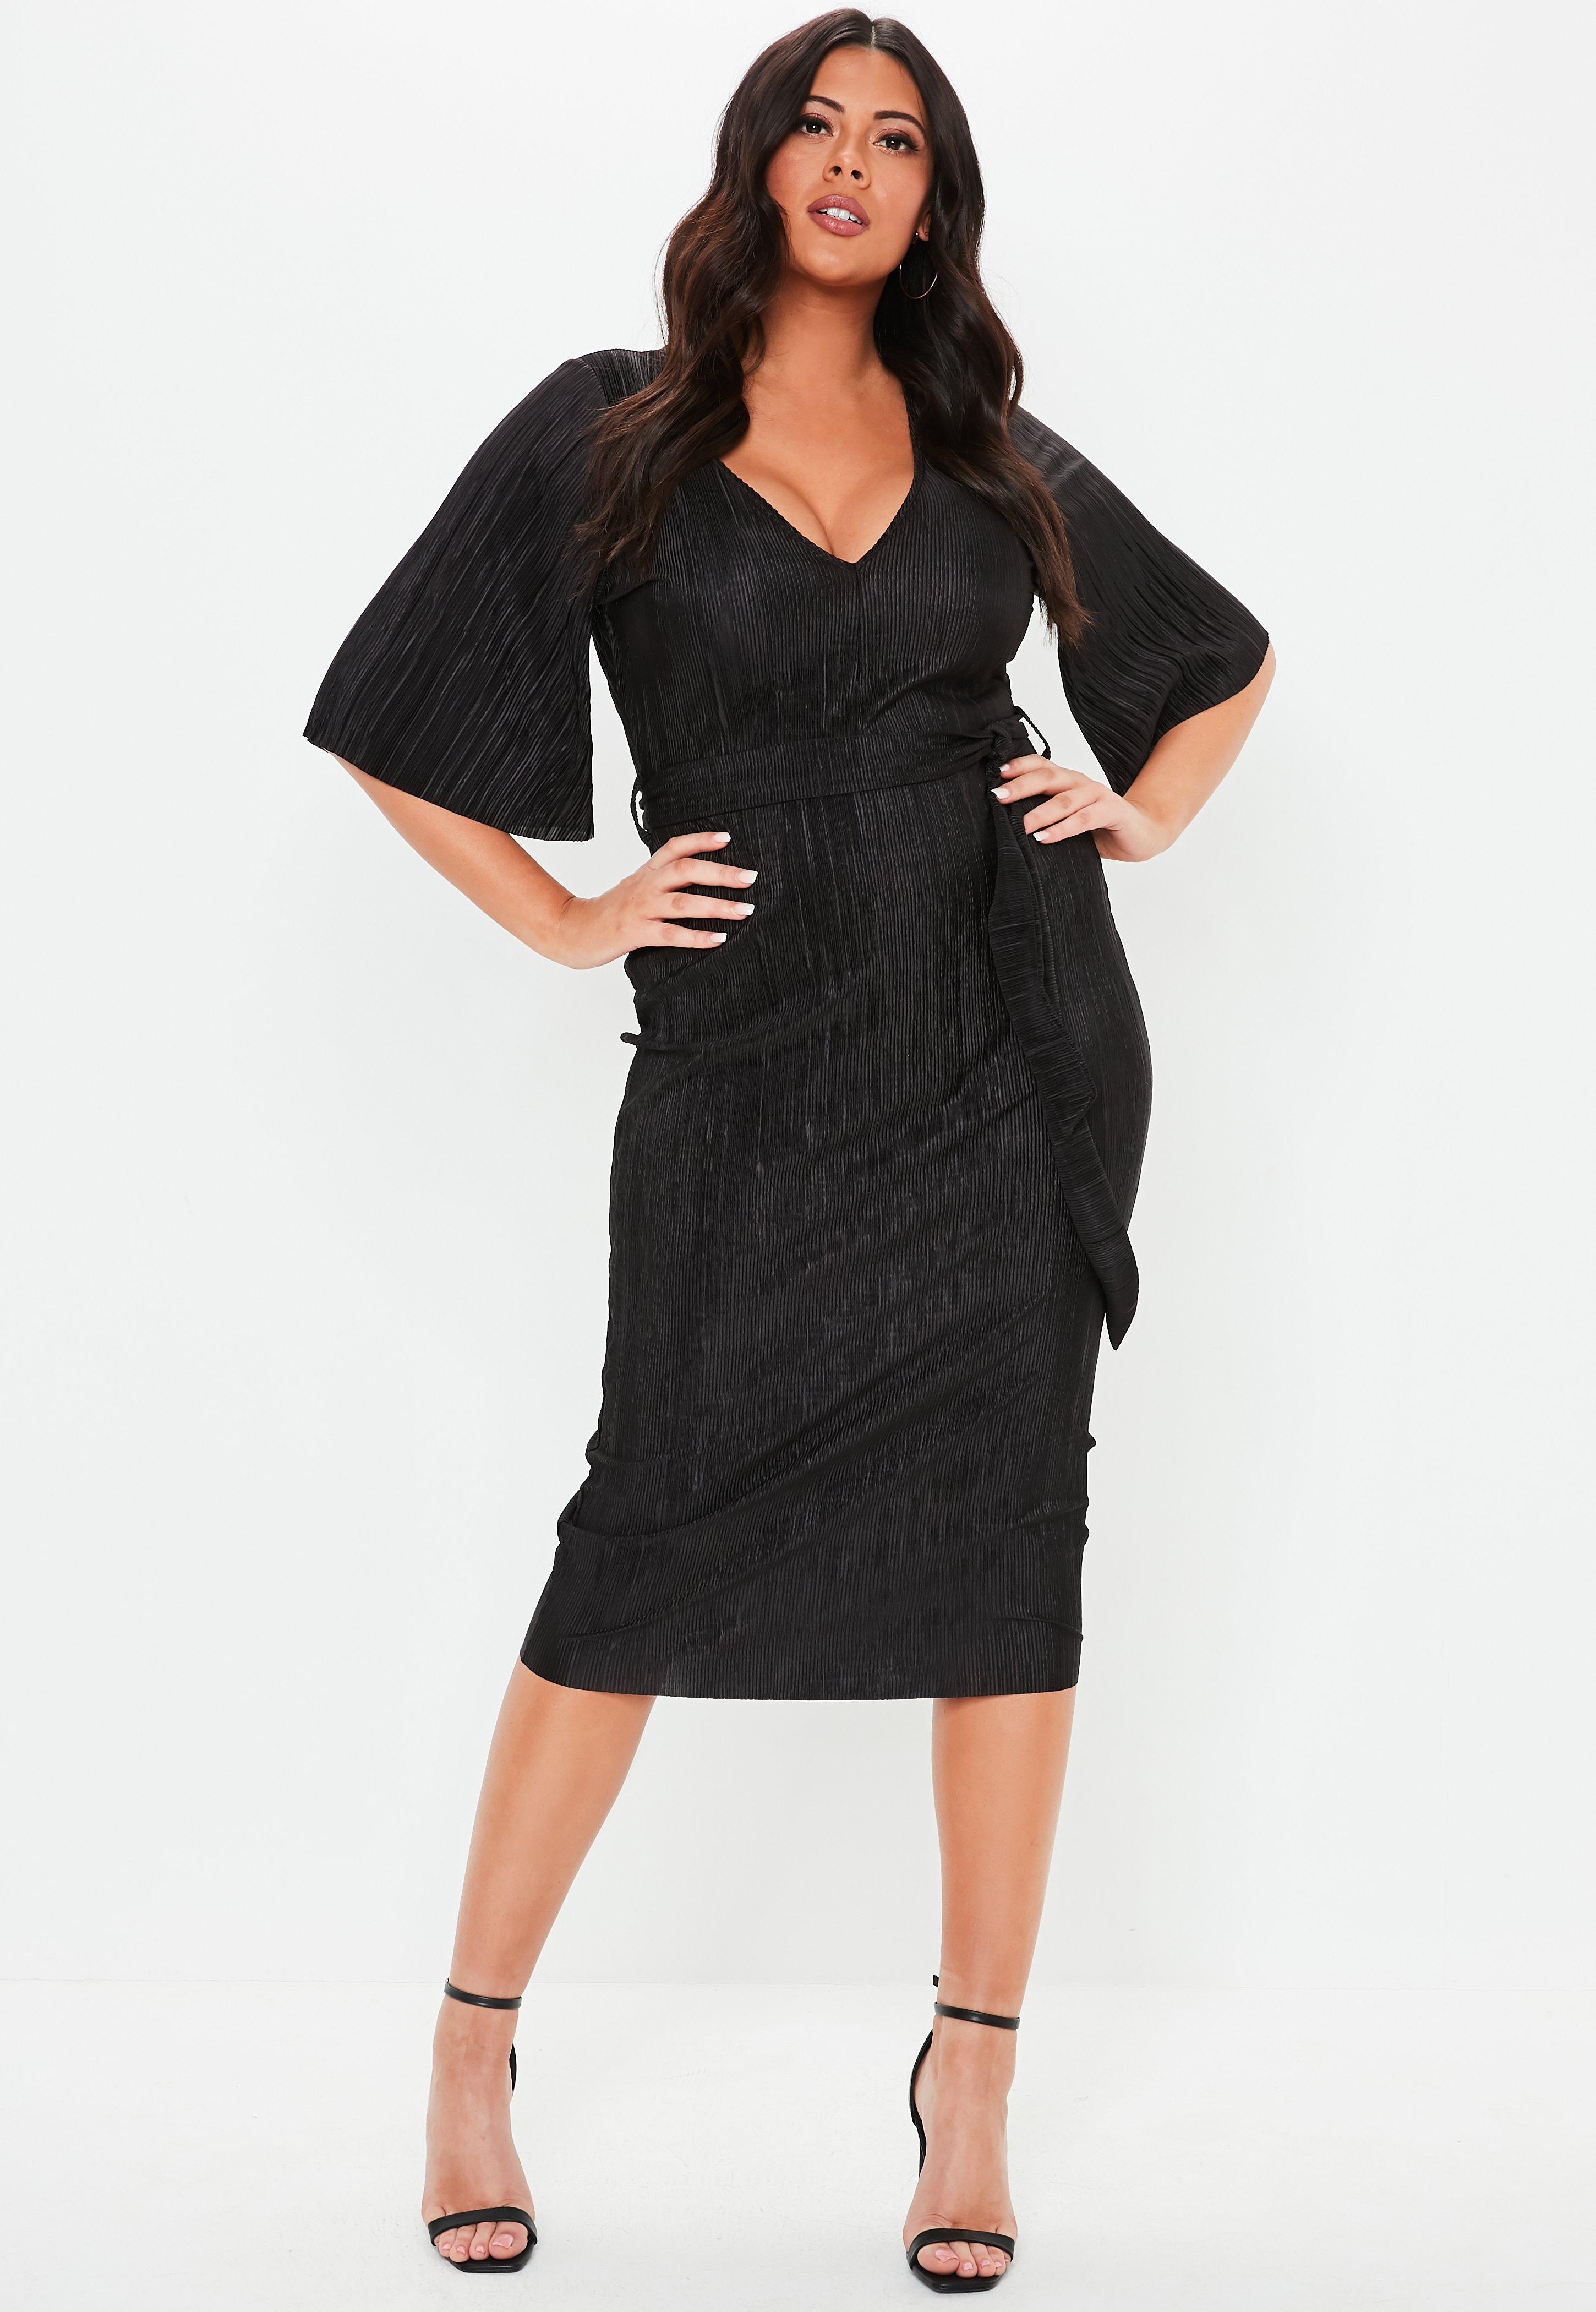 Kleider mit V-Ausschnitt   tiefem Ausschnitt - Missguided DE 370efe02c7